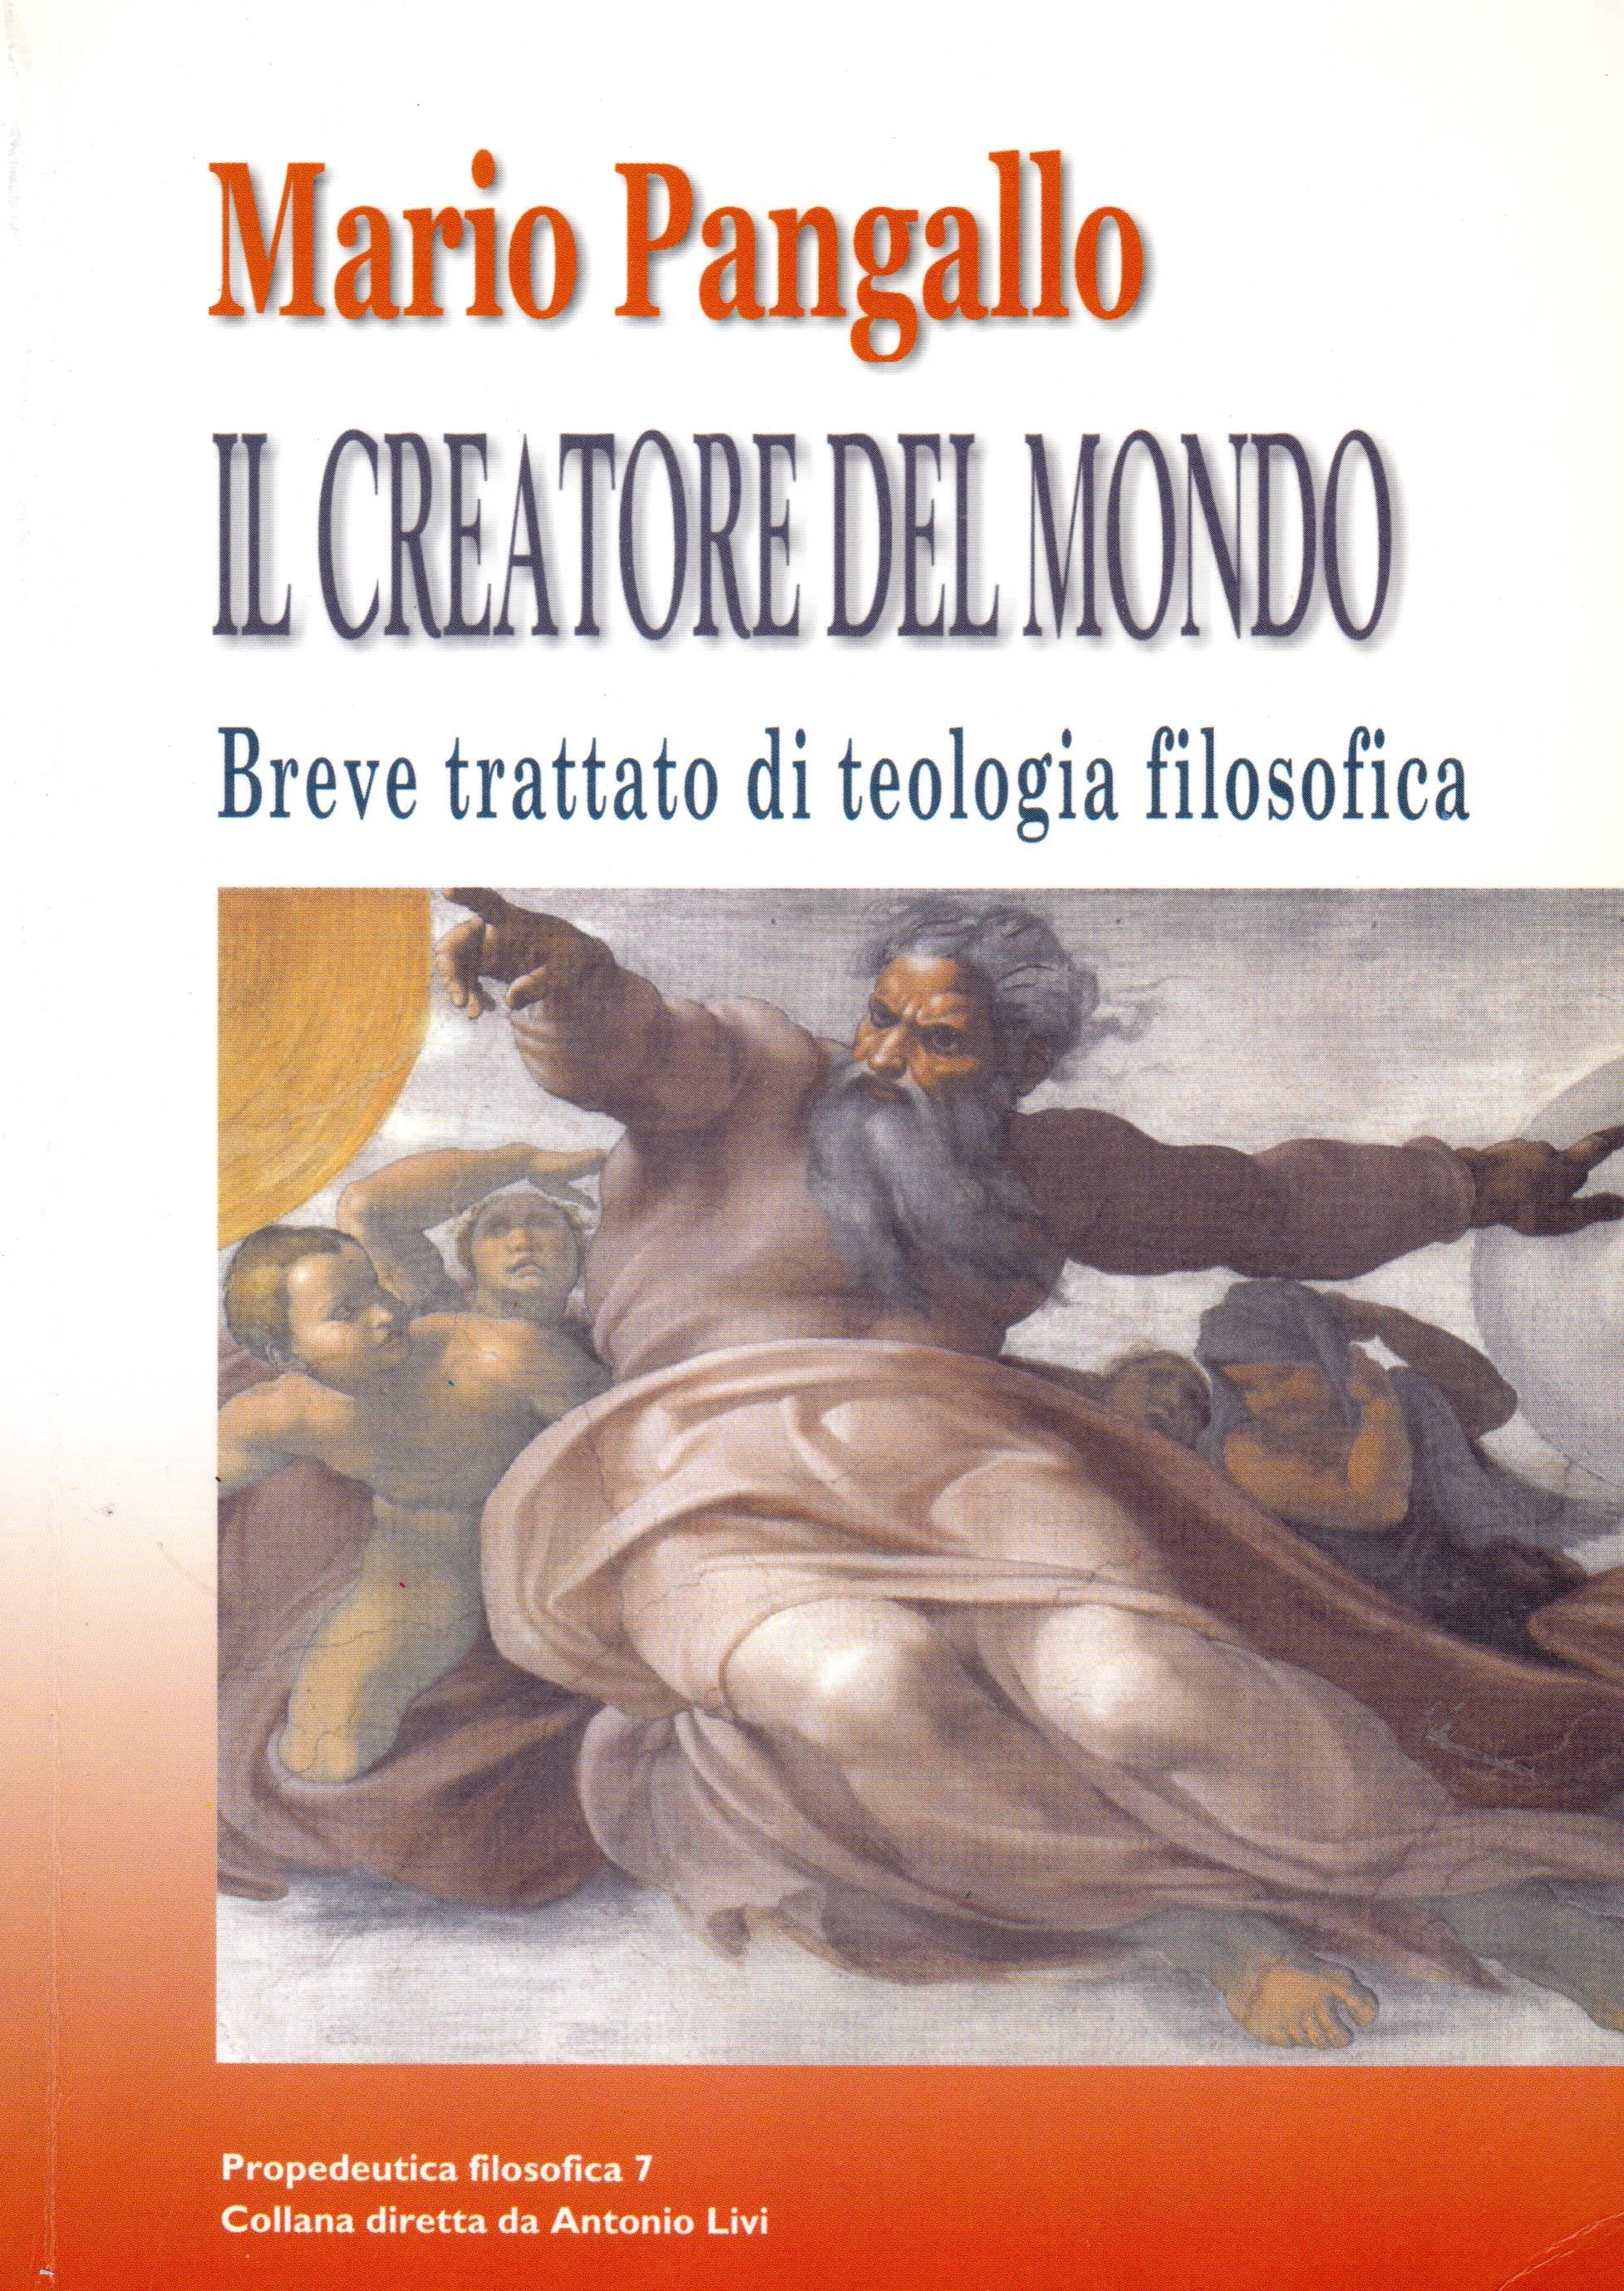 Il creatore del mondo. Breve trattato di teologia filosofica